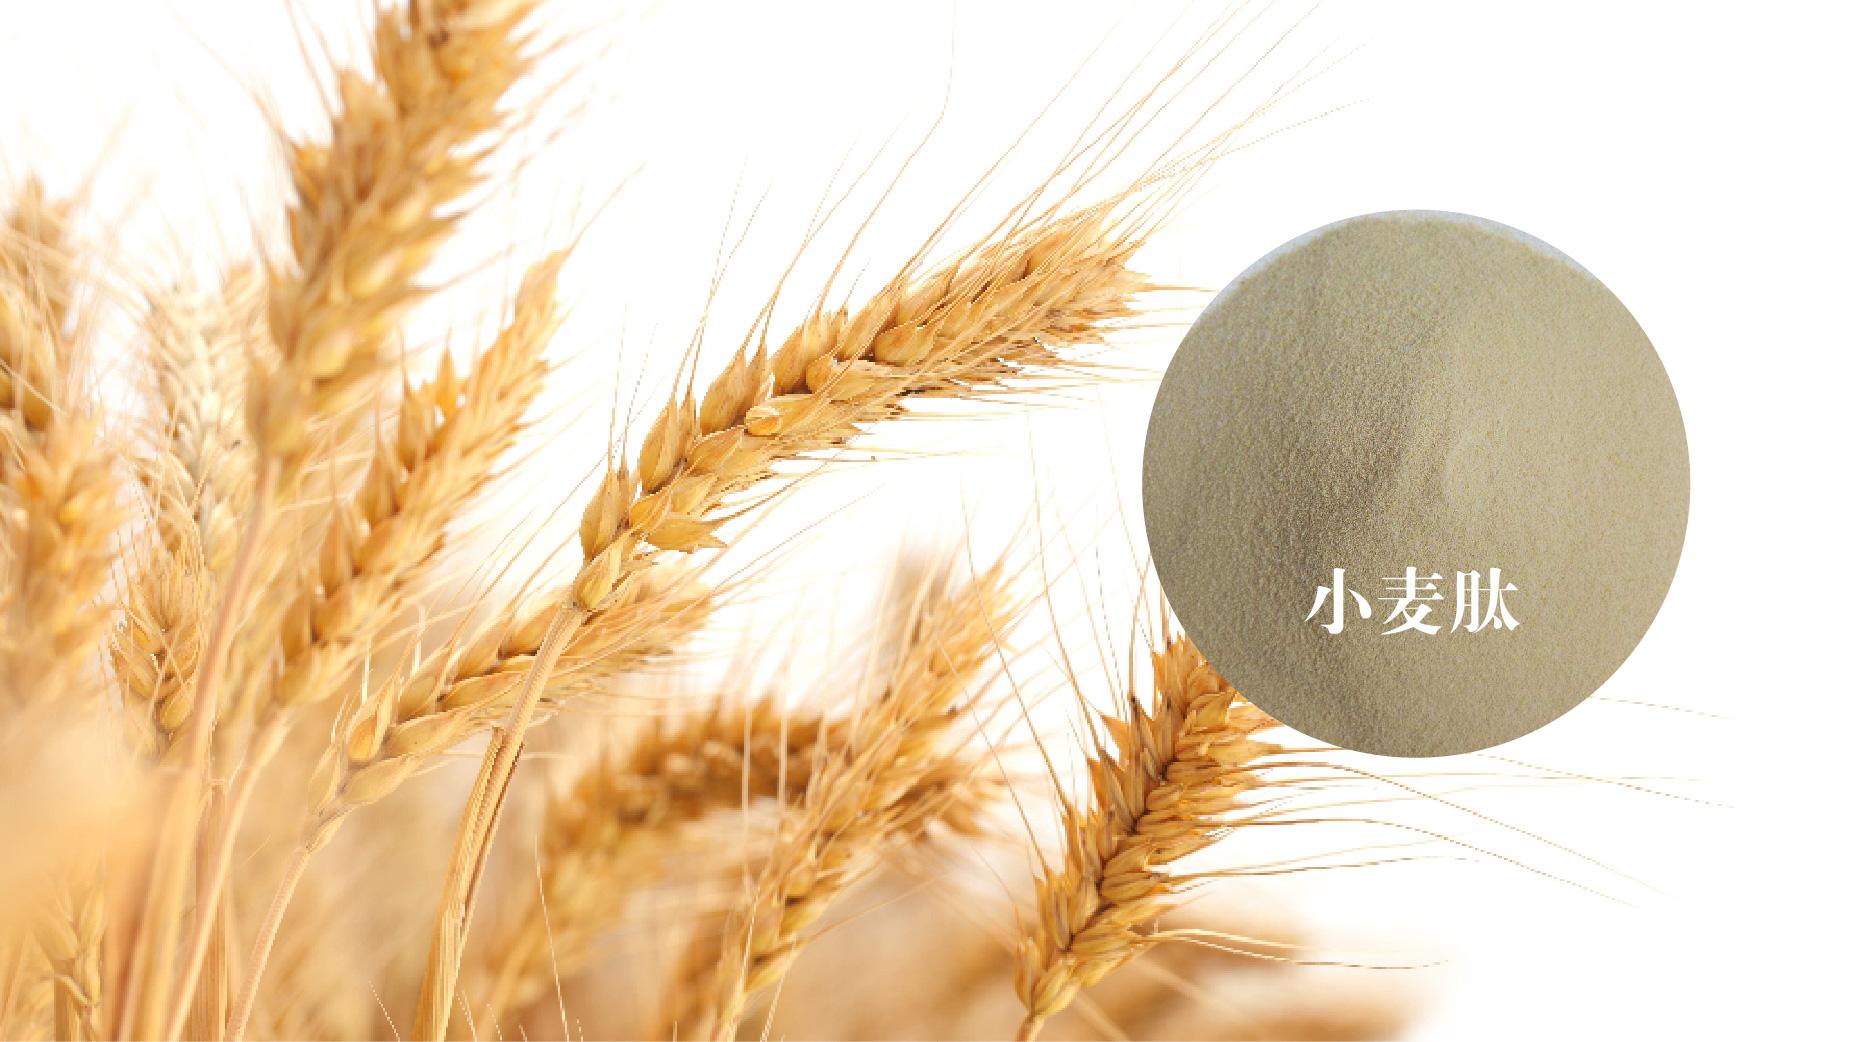 千知百肽——酶法制备小麦肽